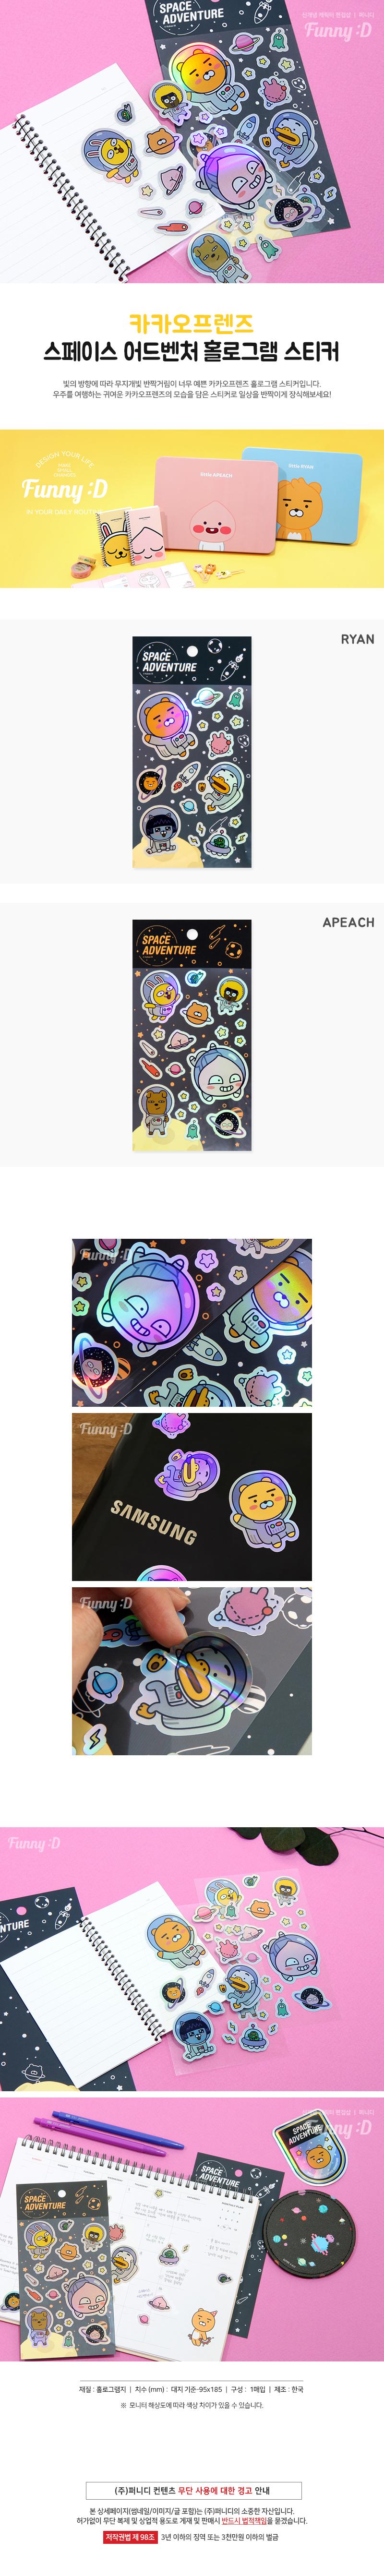 카카오프렌즈 스페이스 홀로그램 스티커 - 카카오프렌즈, 1,500원, 스티커, 캐릭터스티커